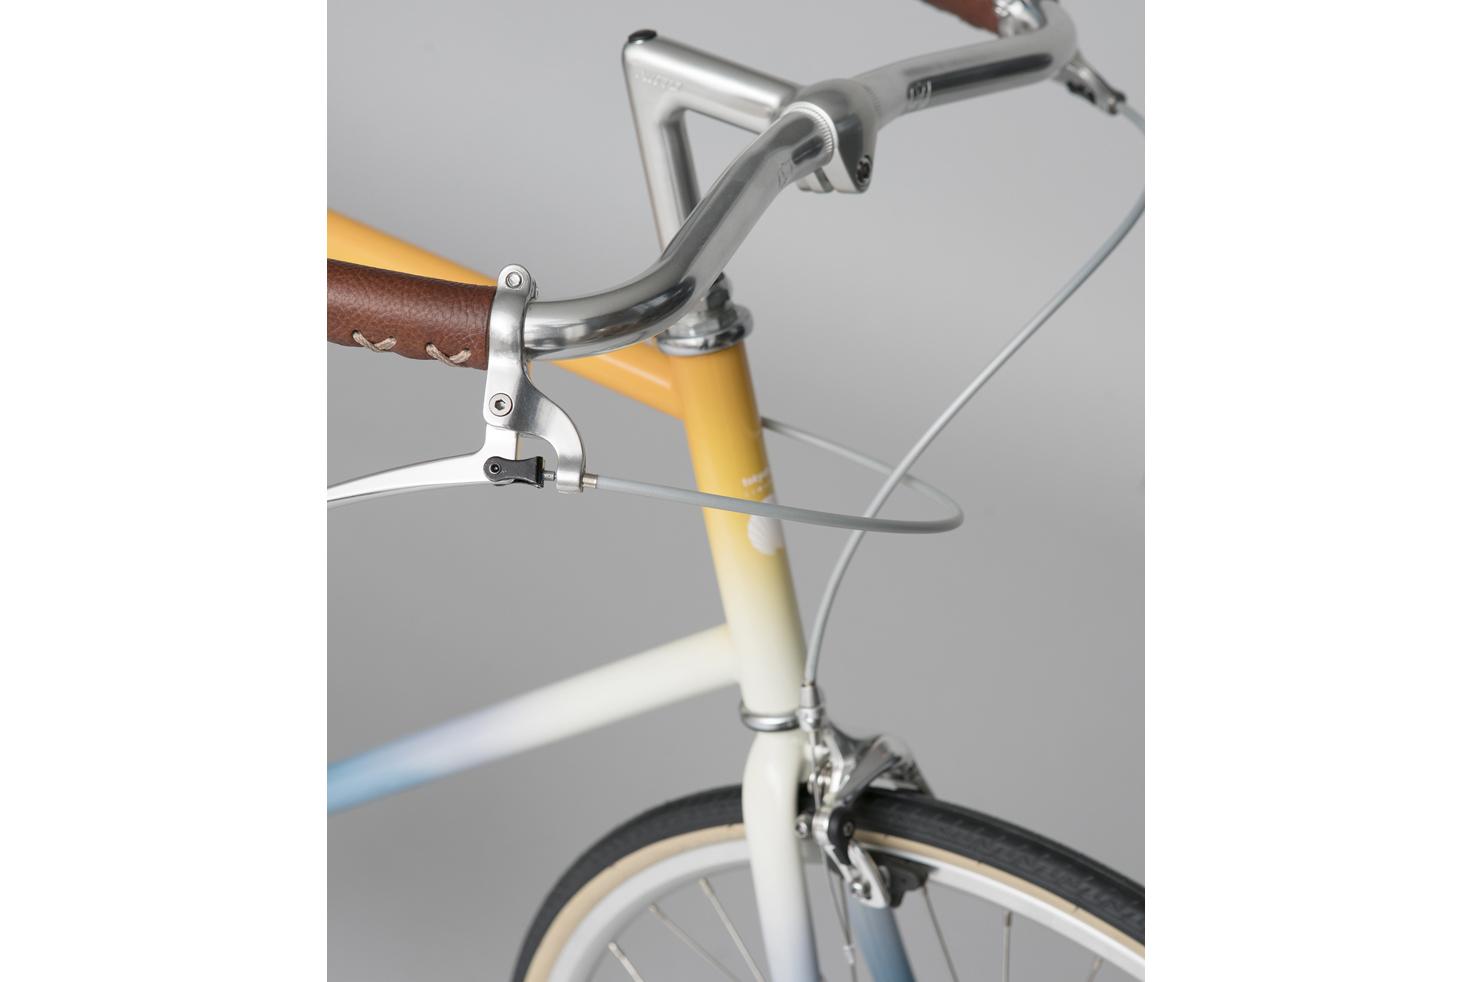 tokyo-bike-designboom-02.jpg